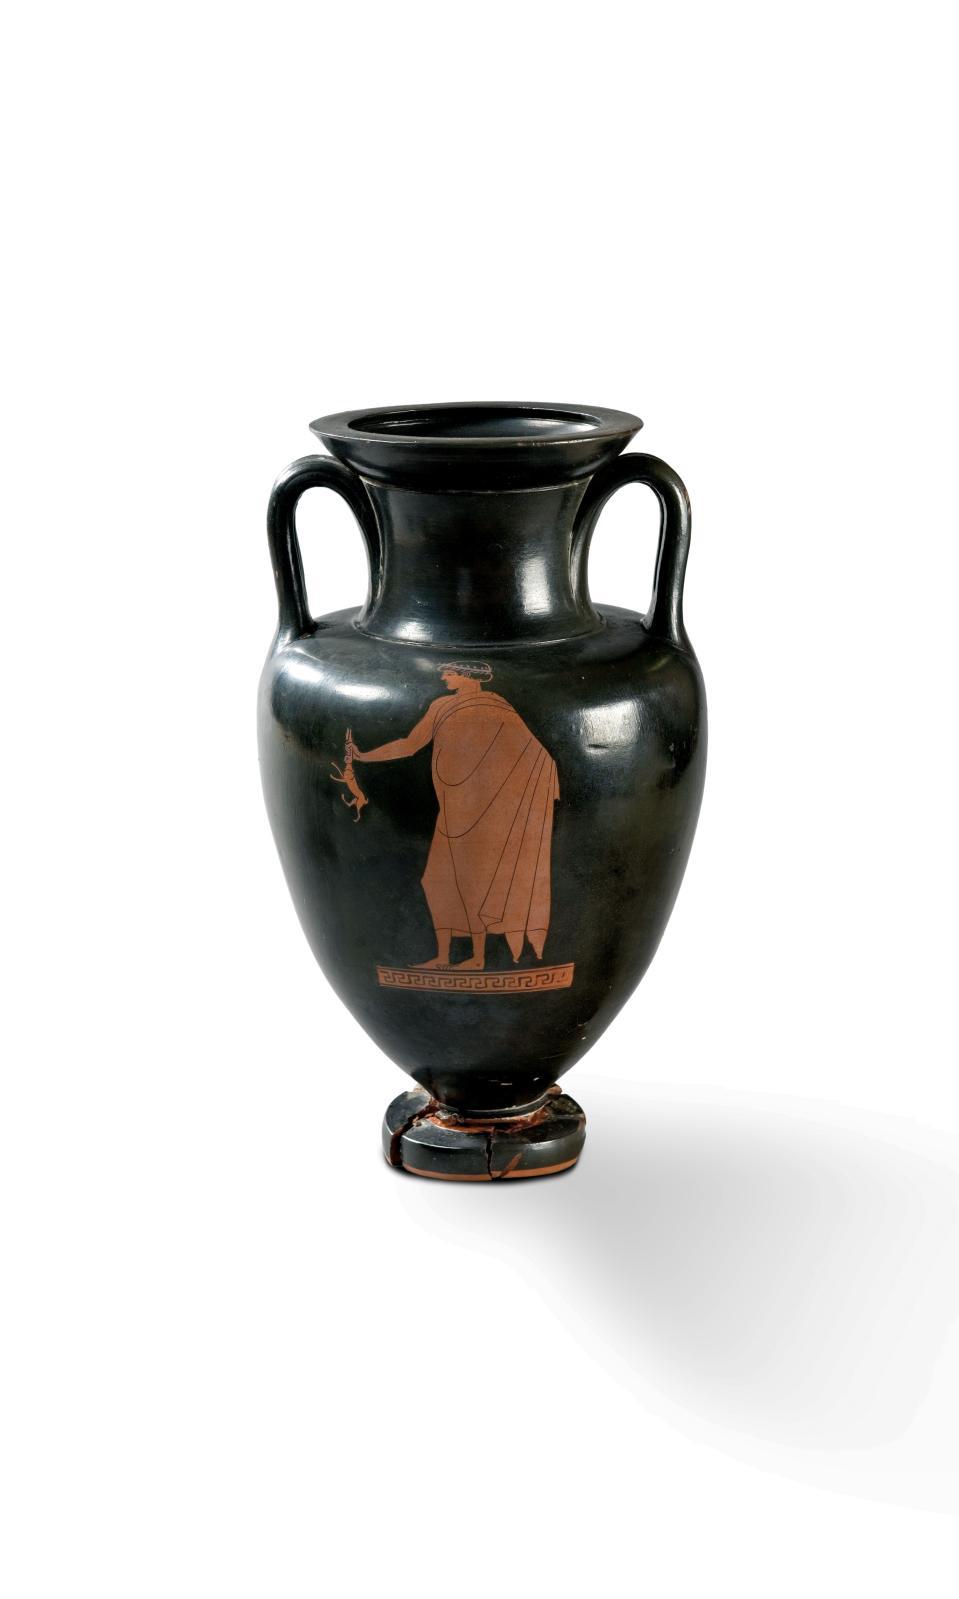 Grèce, vers 480-470 av. J.-C., attribuée au Peintre de Dutuit. Amphore attique à figures rouges, décorée d'un éphèbe d'un côté et d'un Éros de l'autre